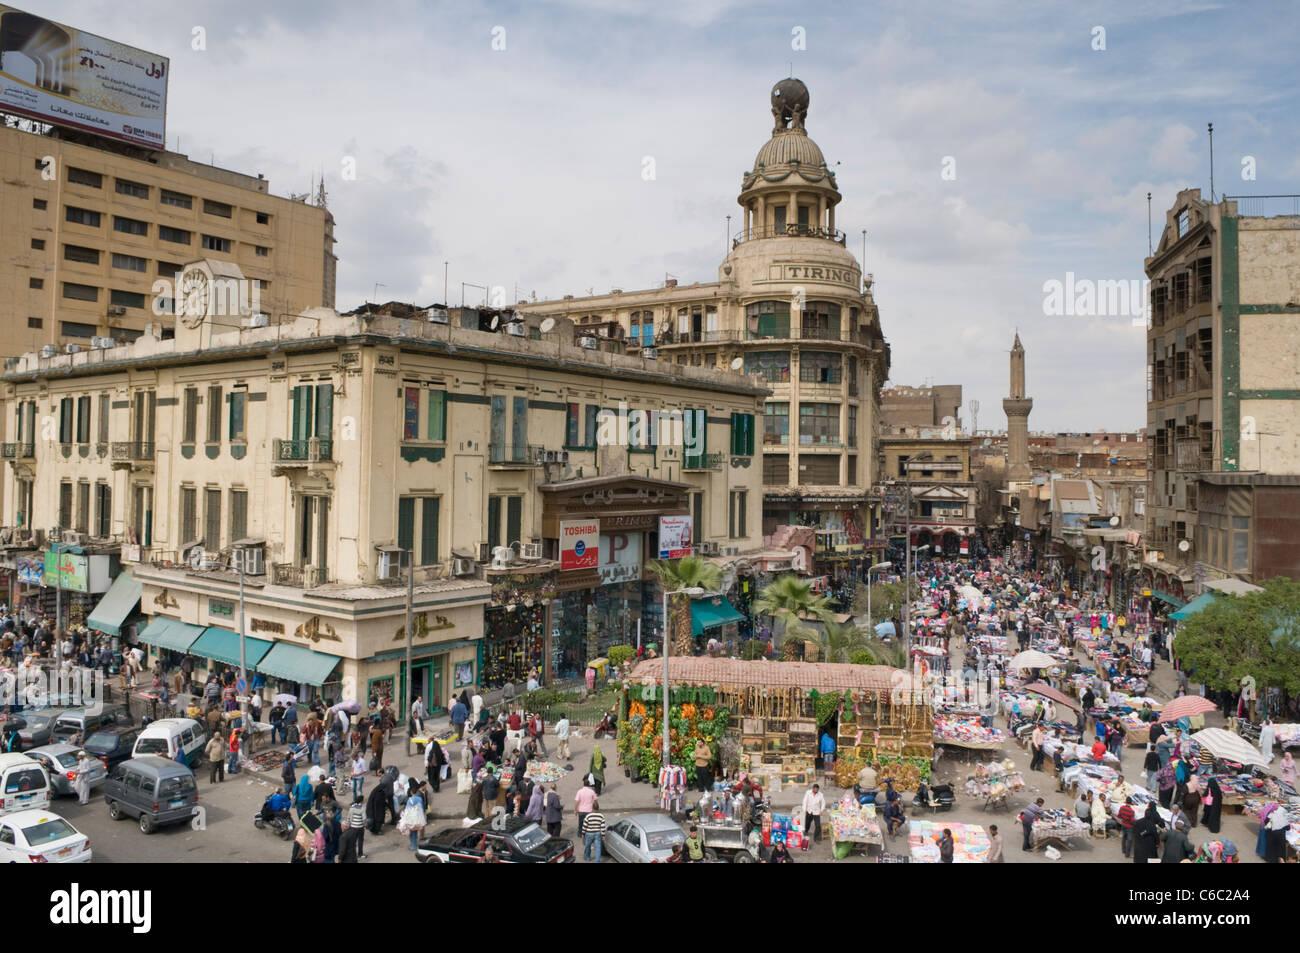 Vista aerea di un tipico quartiere souk in Il Cairo Egitto Immagini Stock